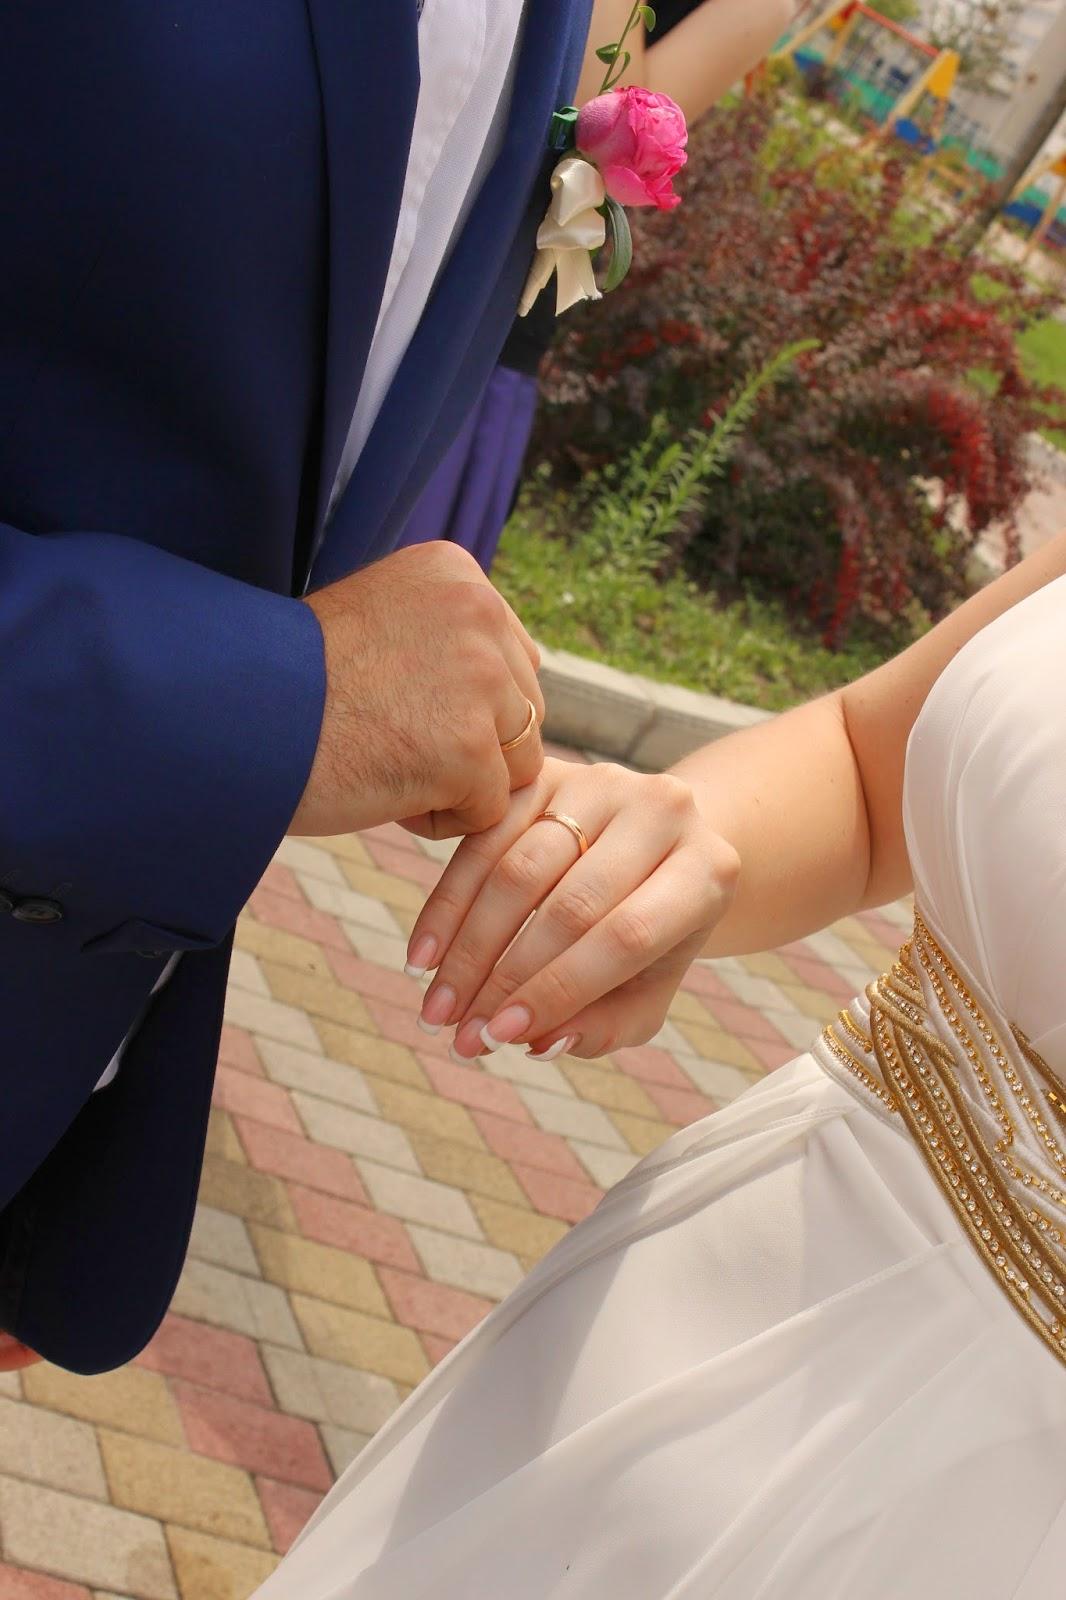 свадебные аксессуары, украшение для невесты. подушка для колец, подушечка для колец, для свадьбы, свадебное, декор для свадьбы. текстильный цветок, украшение на запястье, цветы невесты